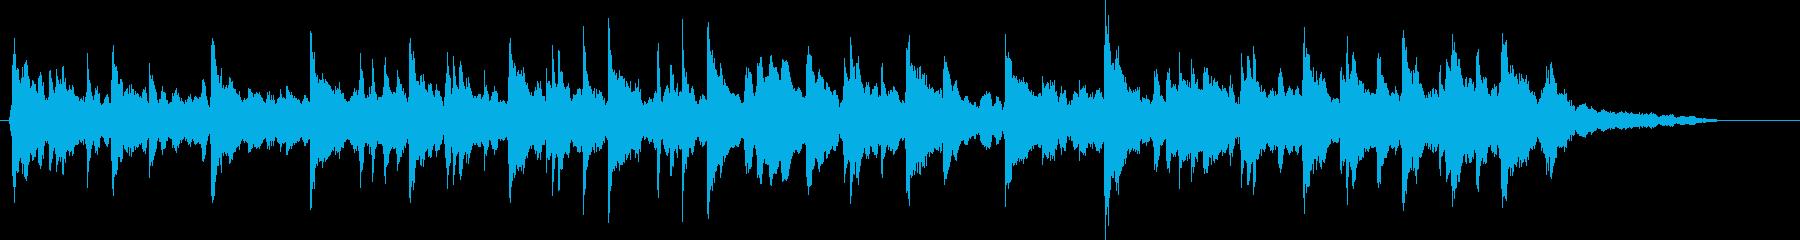 ピアノを使用した落ち着いたバラードの再生済みの波形